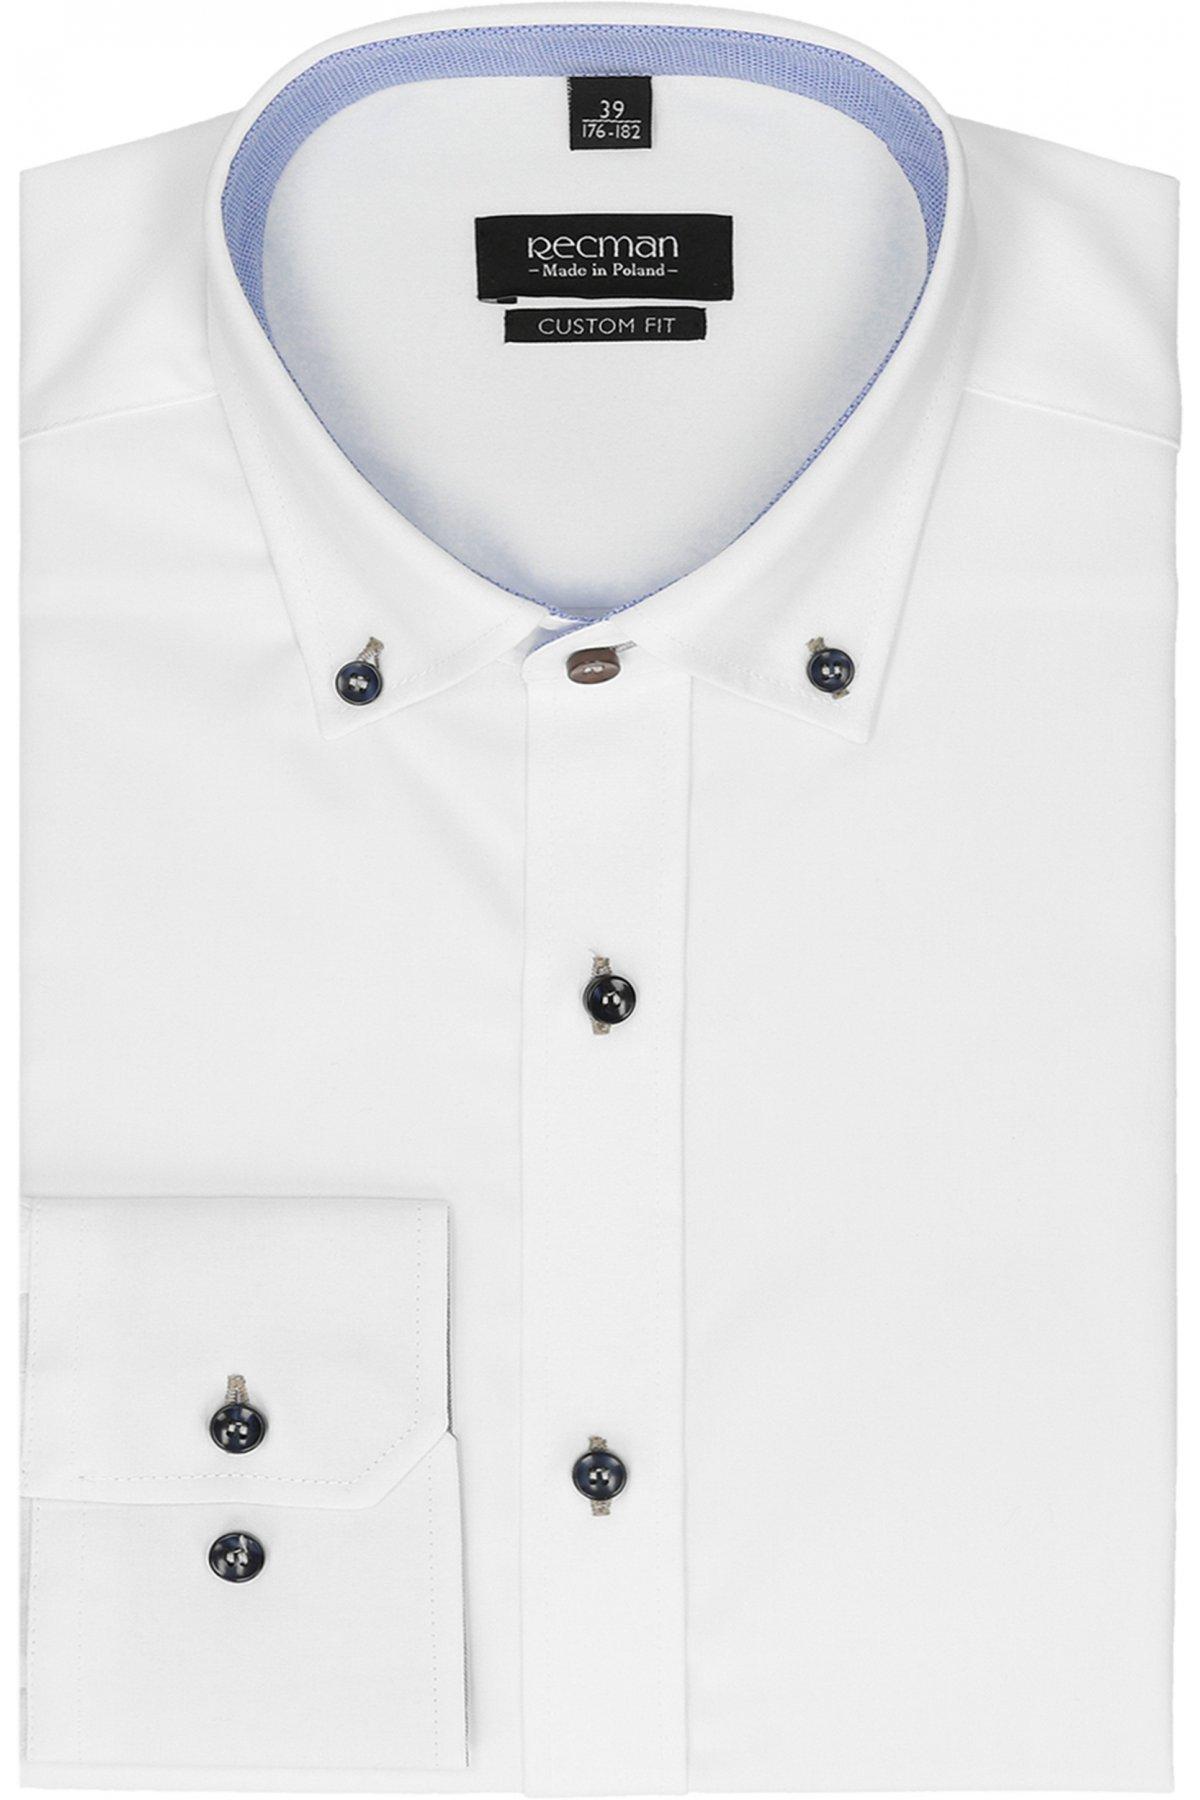 Nieformalna biała koszula z kołnierzykiem typu button down